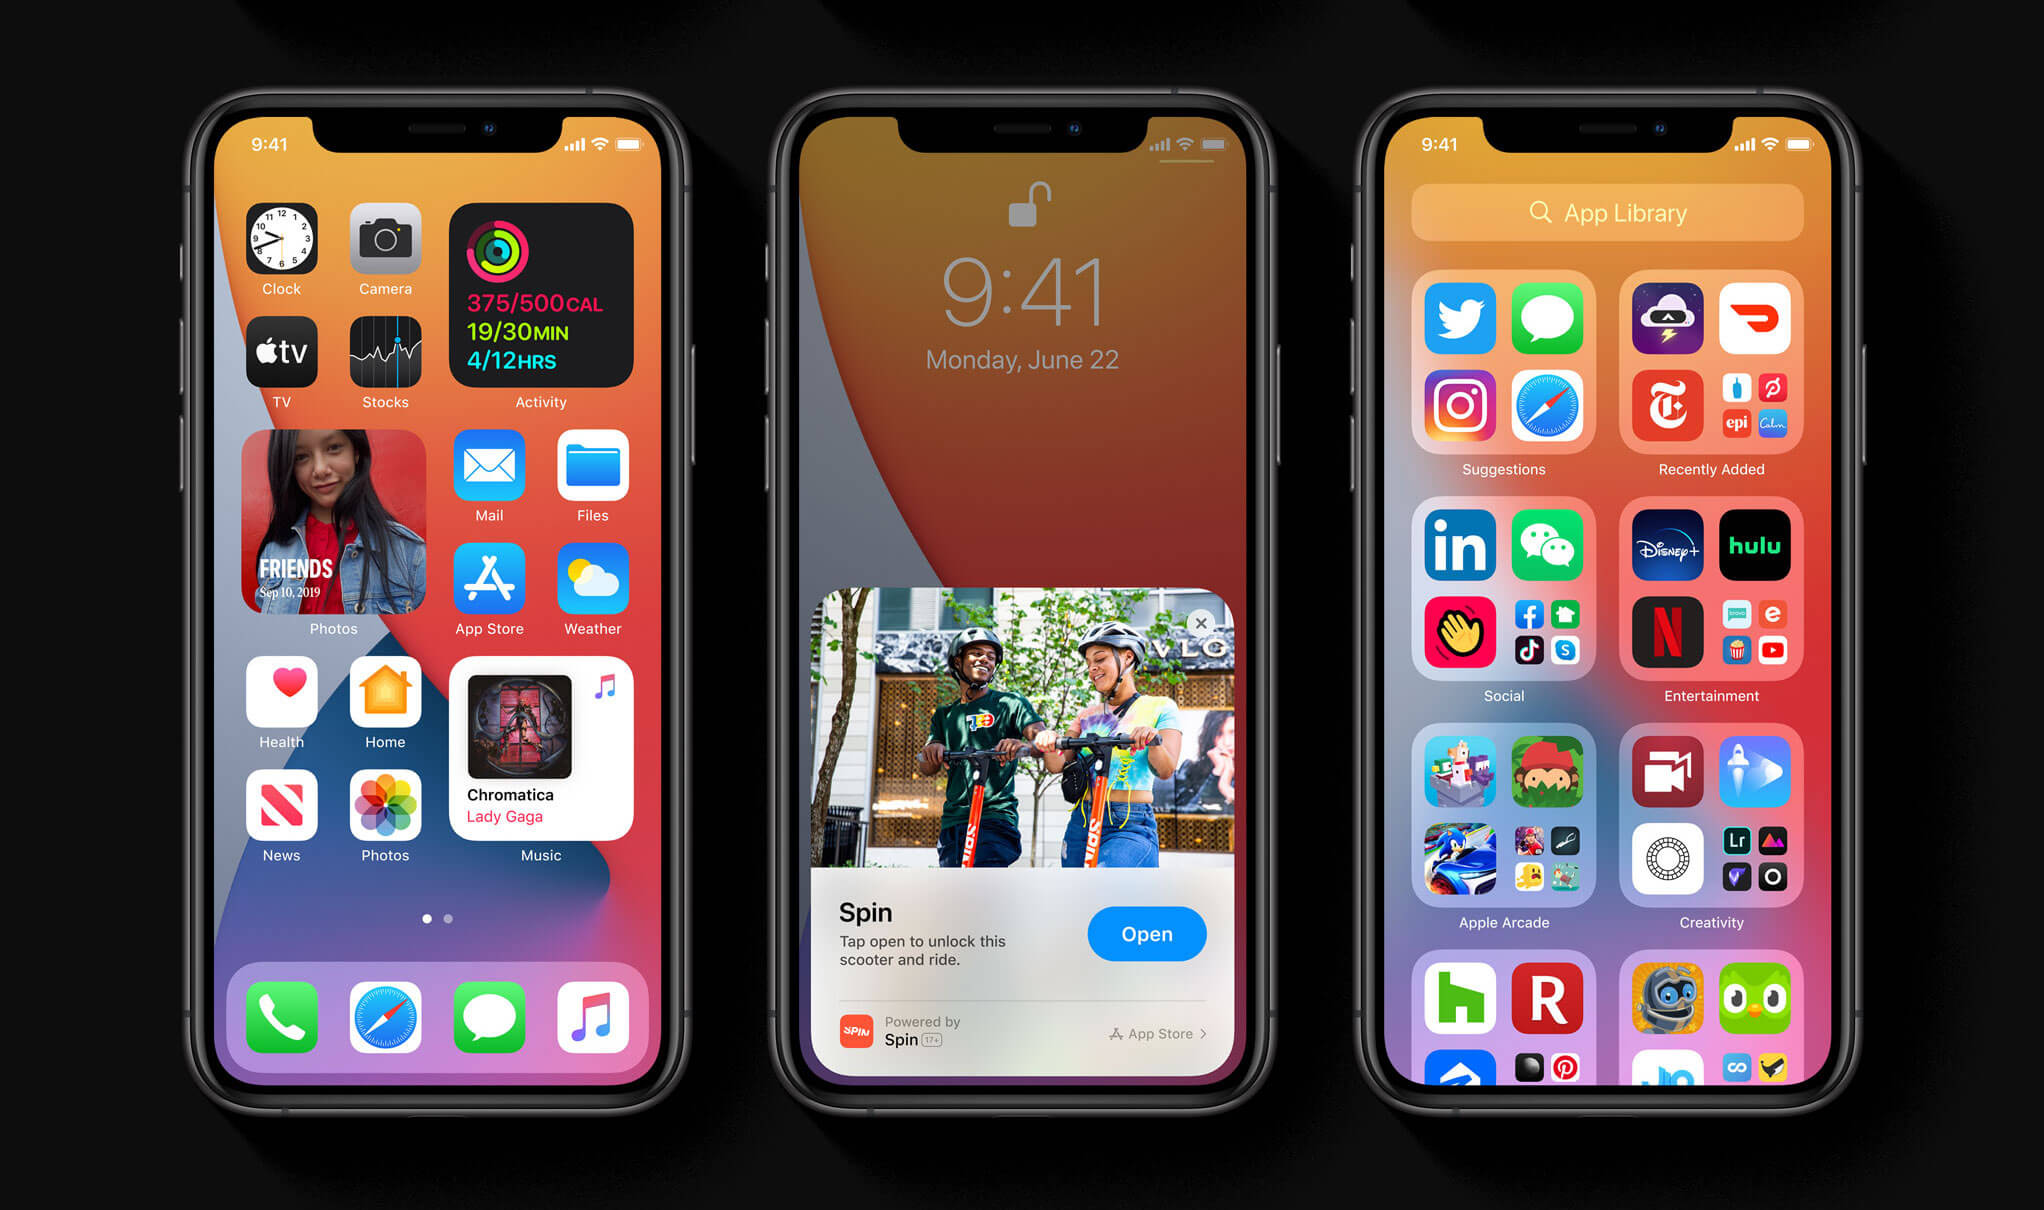 Apple выпустила iOS 14 beta 5: исправление ошибок, большой виджет Apple News и новый интерфейс запроса местоположения